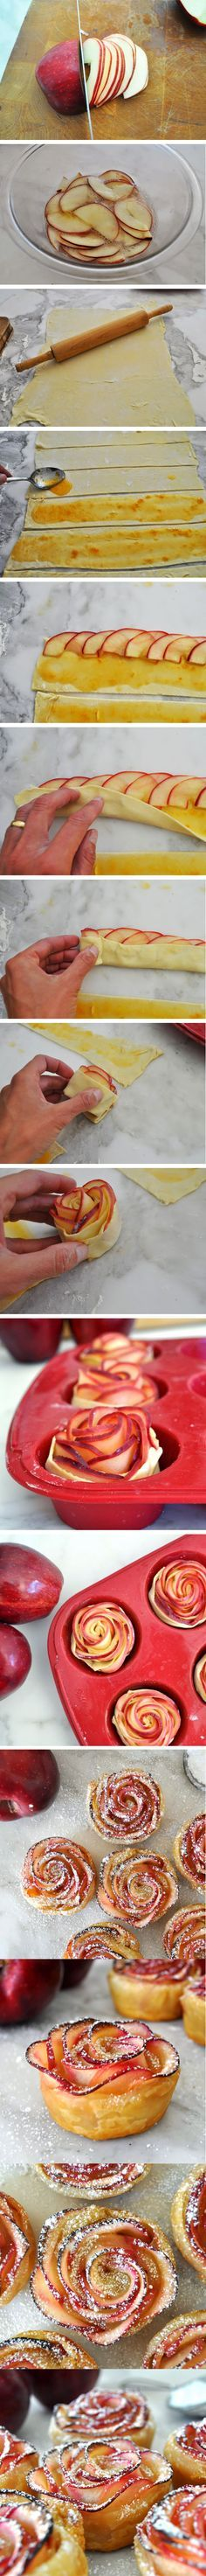 apple roses, rosas de manzana, flores de manzana, pasteles de amnzana, albaricoque, hojaldre, DIY, recipe